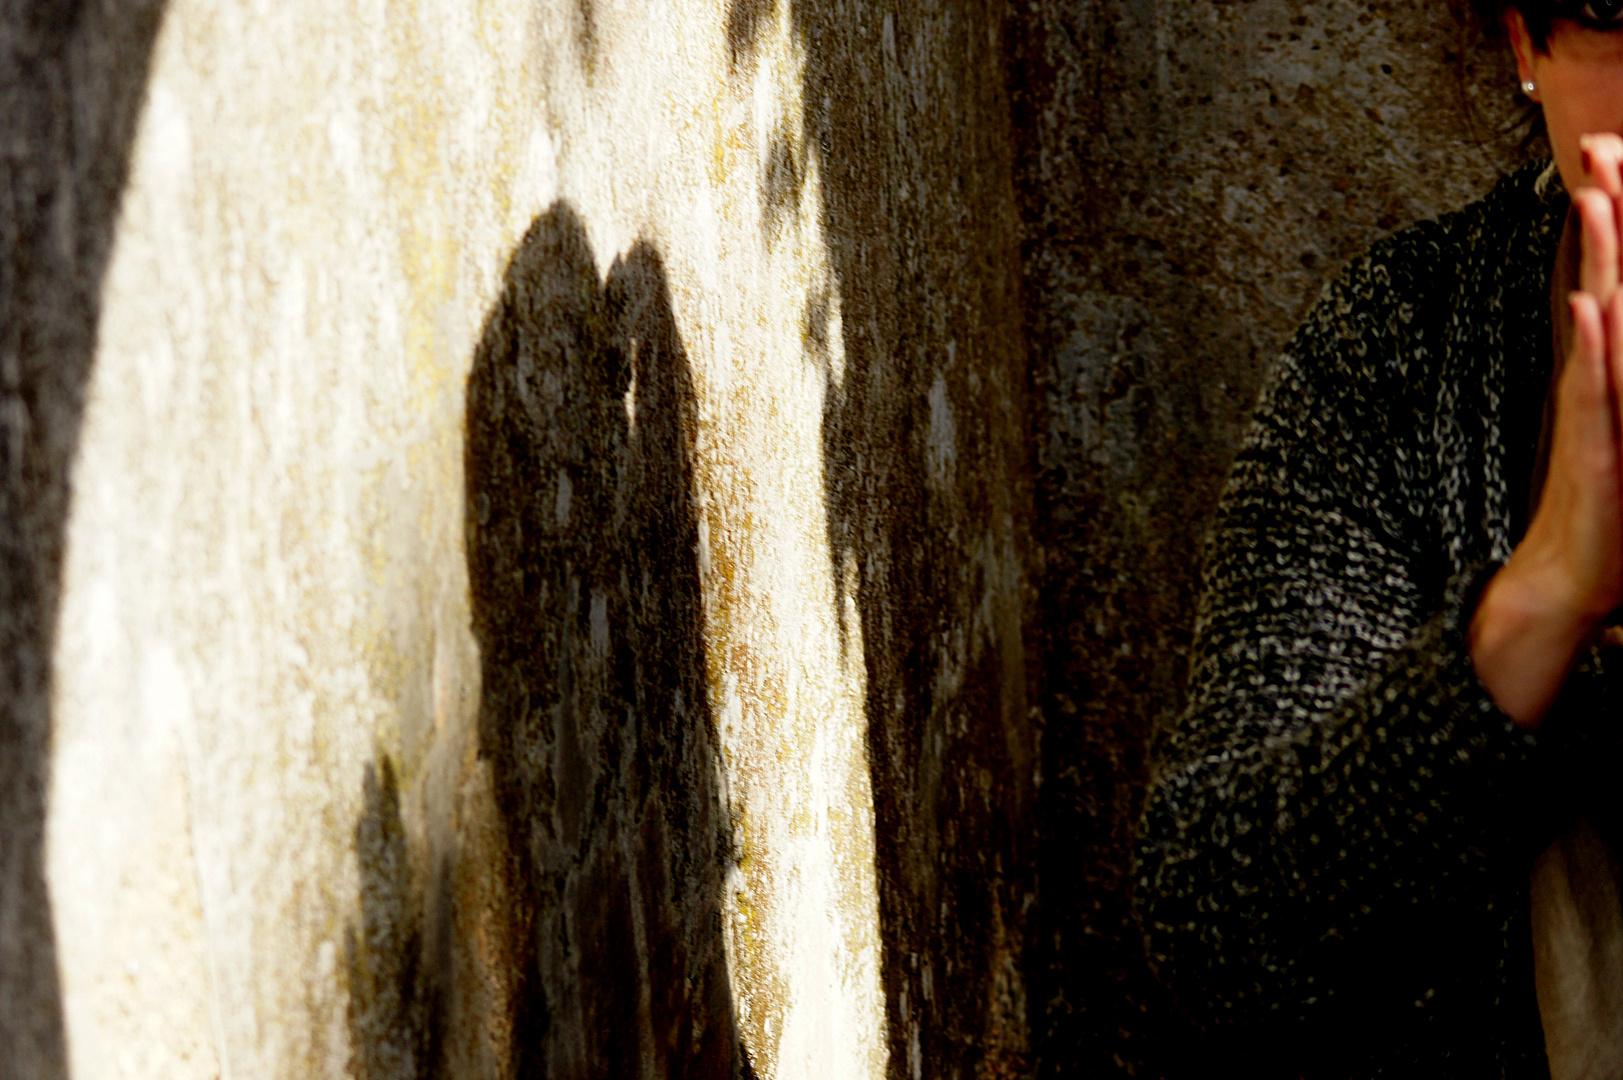 """Zum Thema """"Spiel mit Licht und Schatten"""